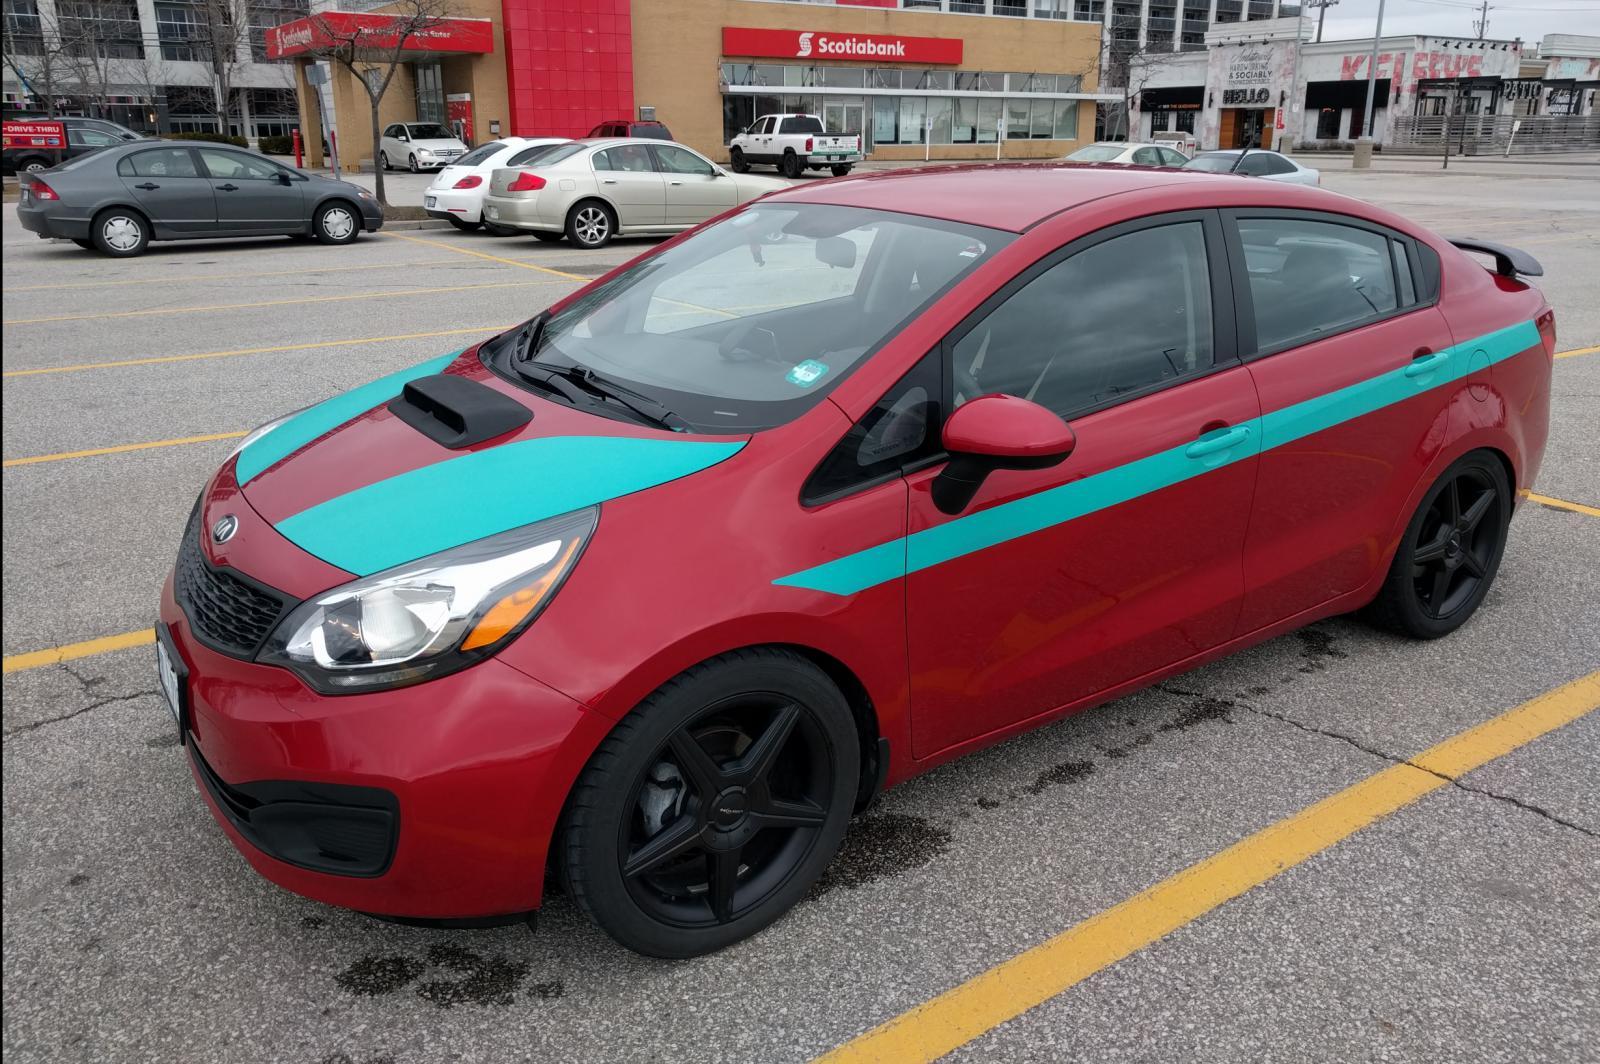 Kia Rio Lx Sedan Modifications Page 4 Kia Forum